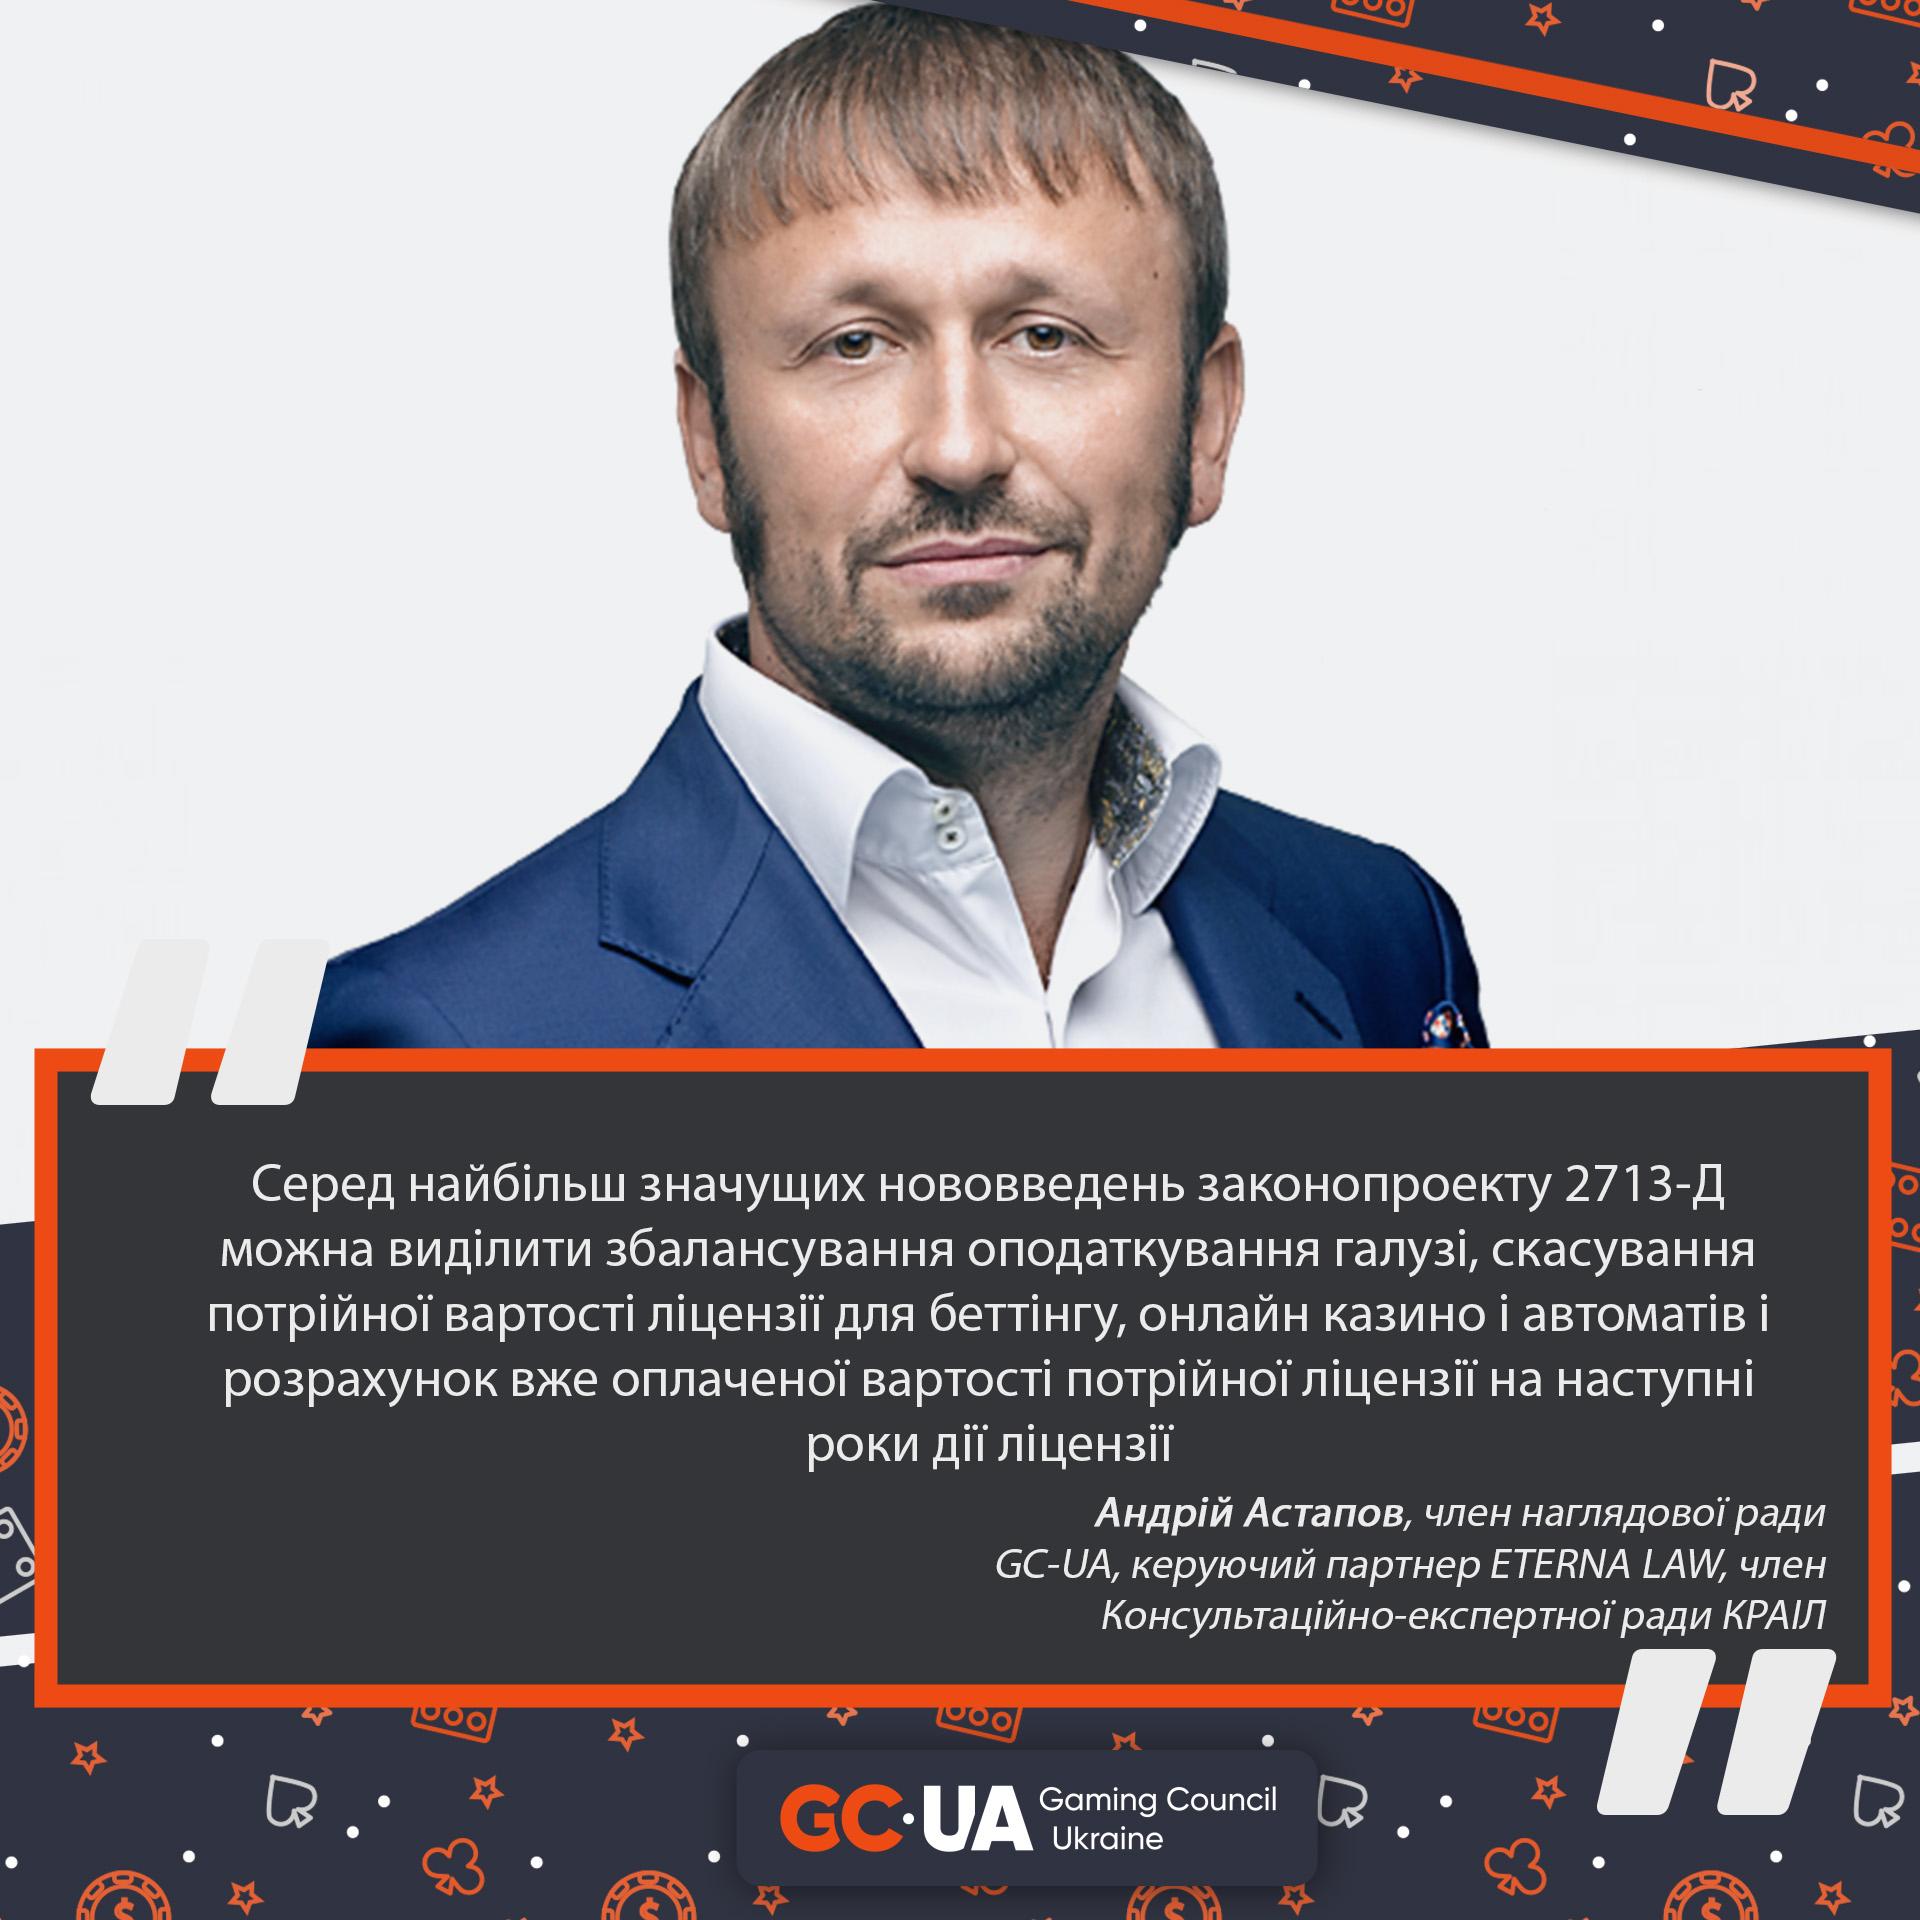 Андрій Астапов про нові податки в сфері азартних ігор та лотерей